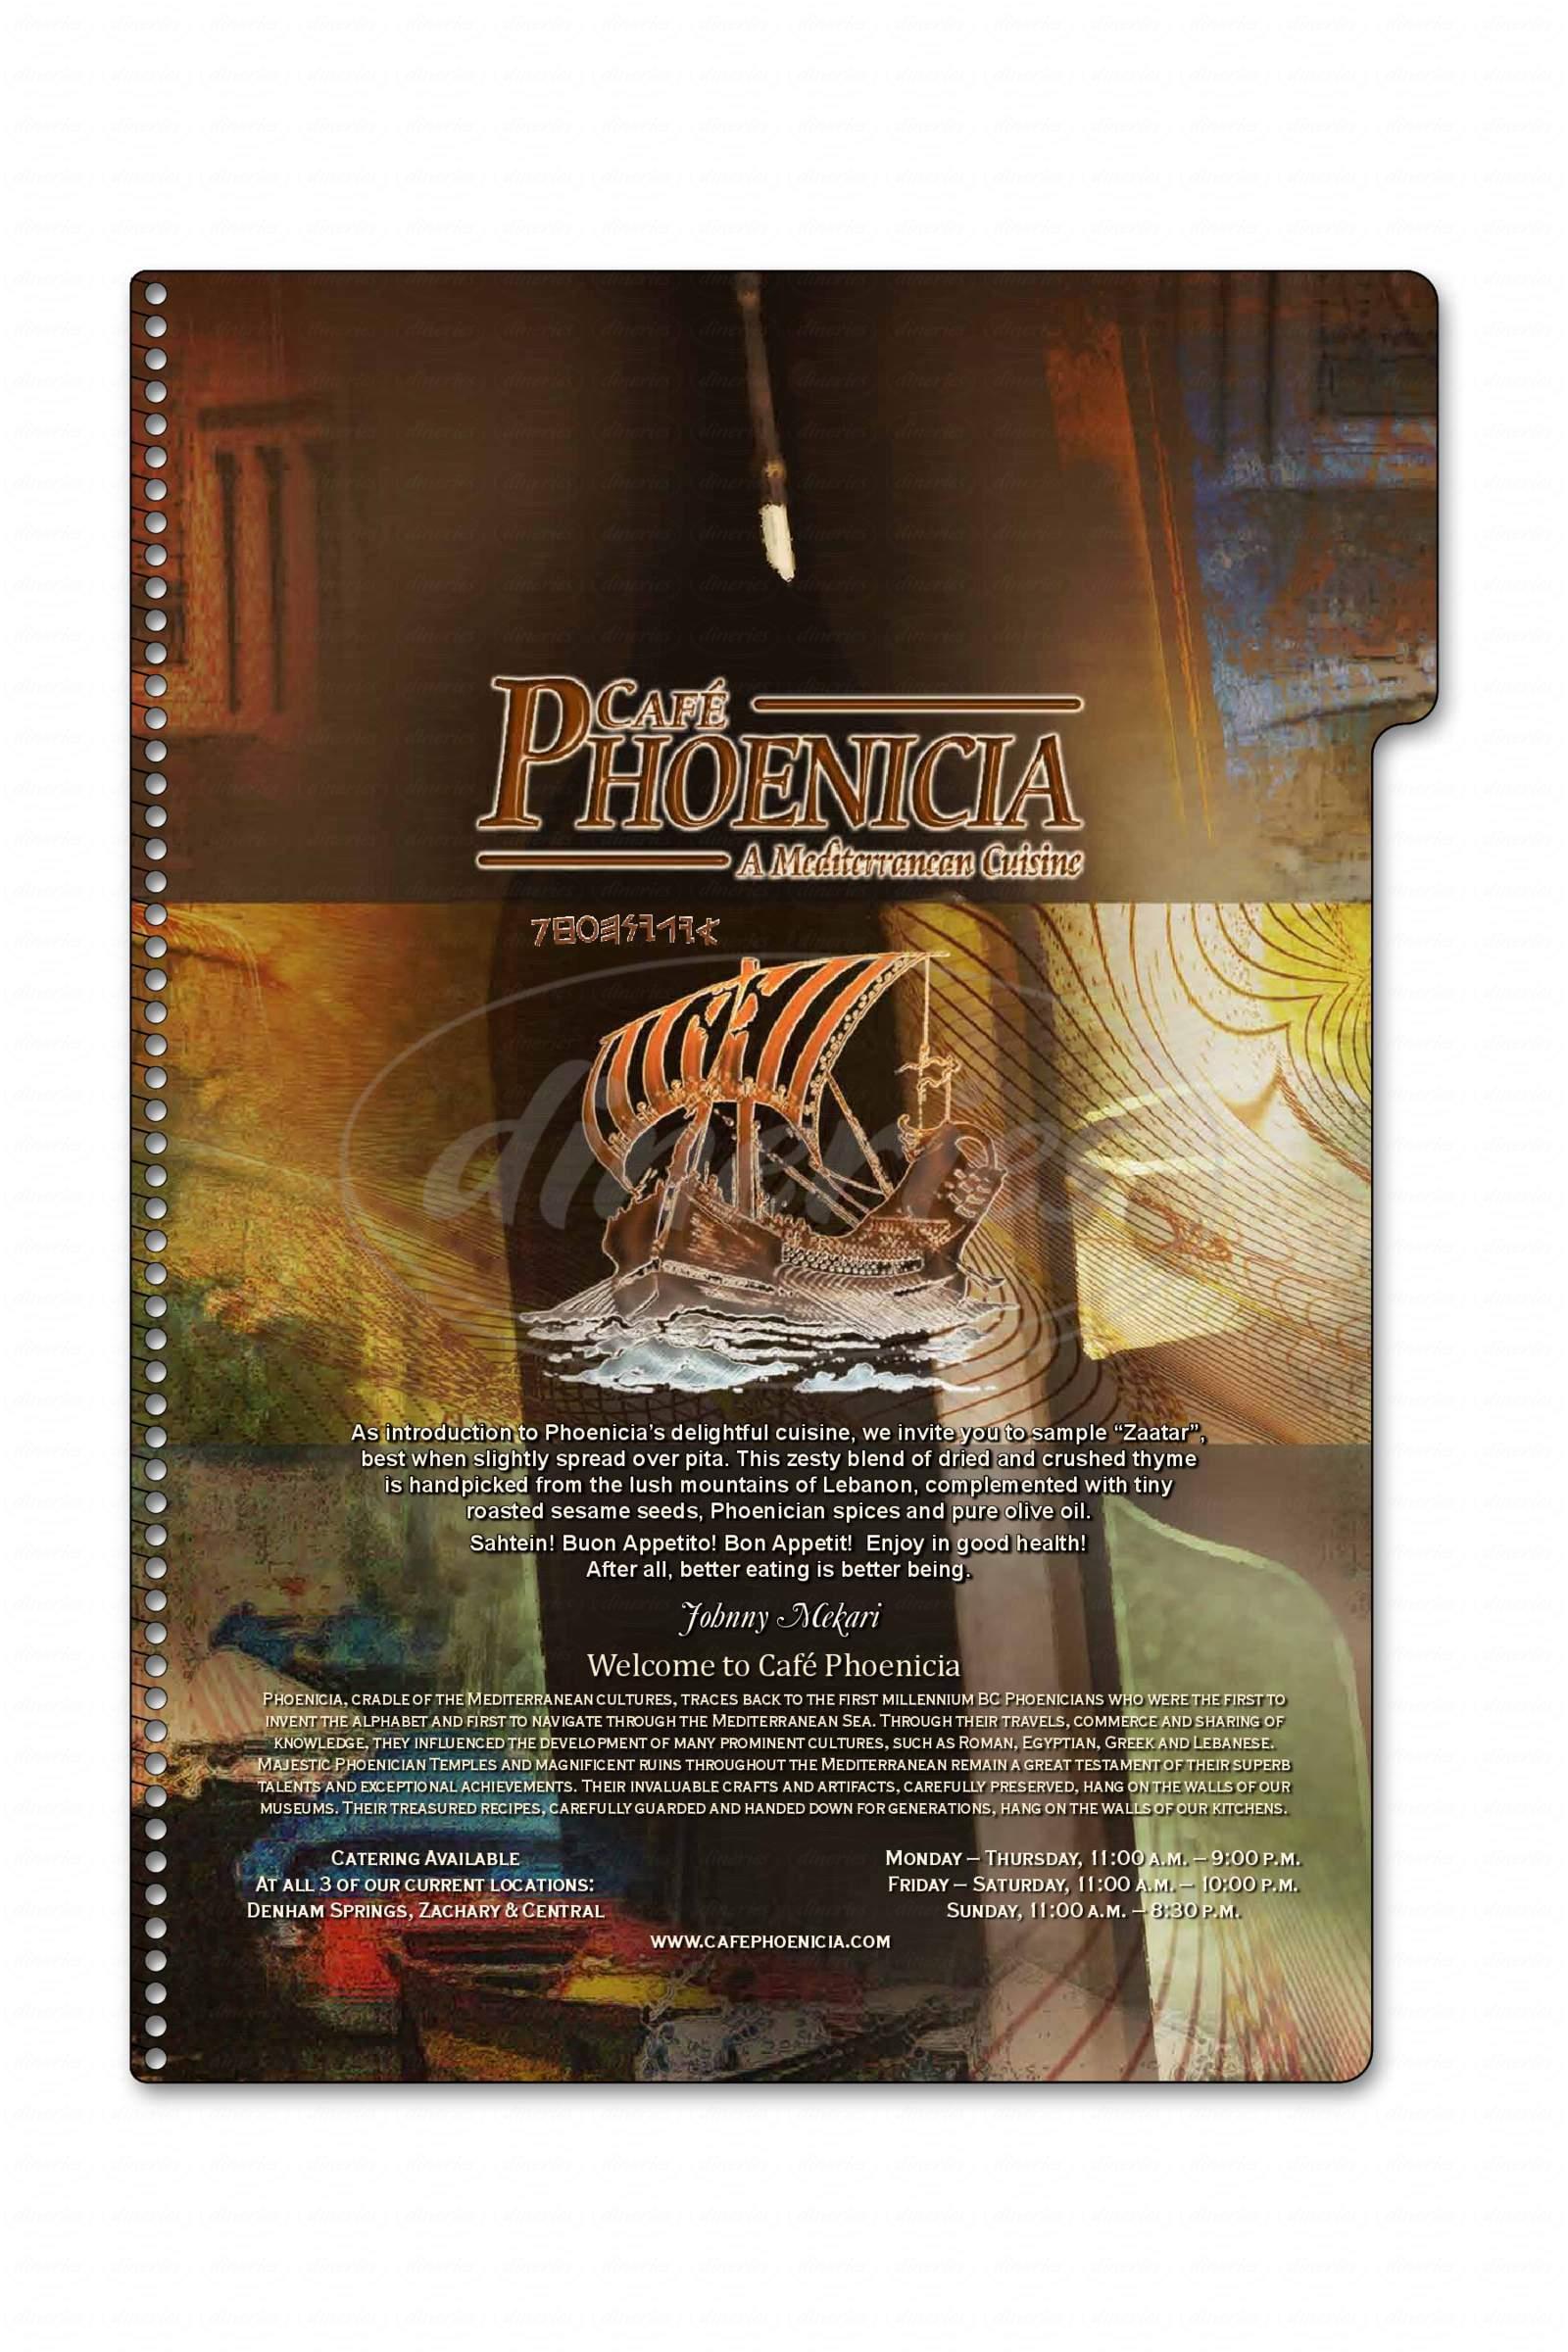 menu for Cafe Phoenicia